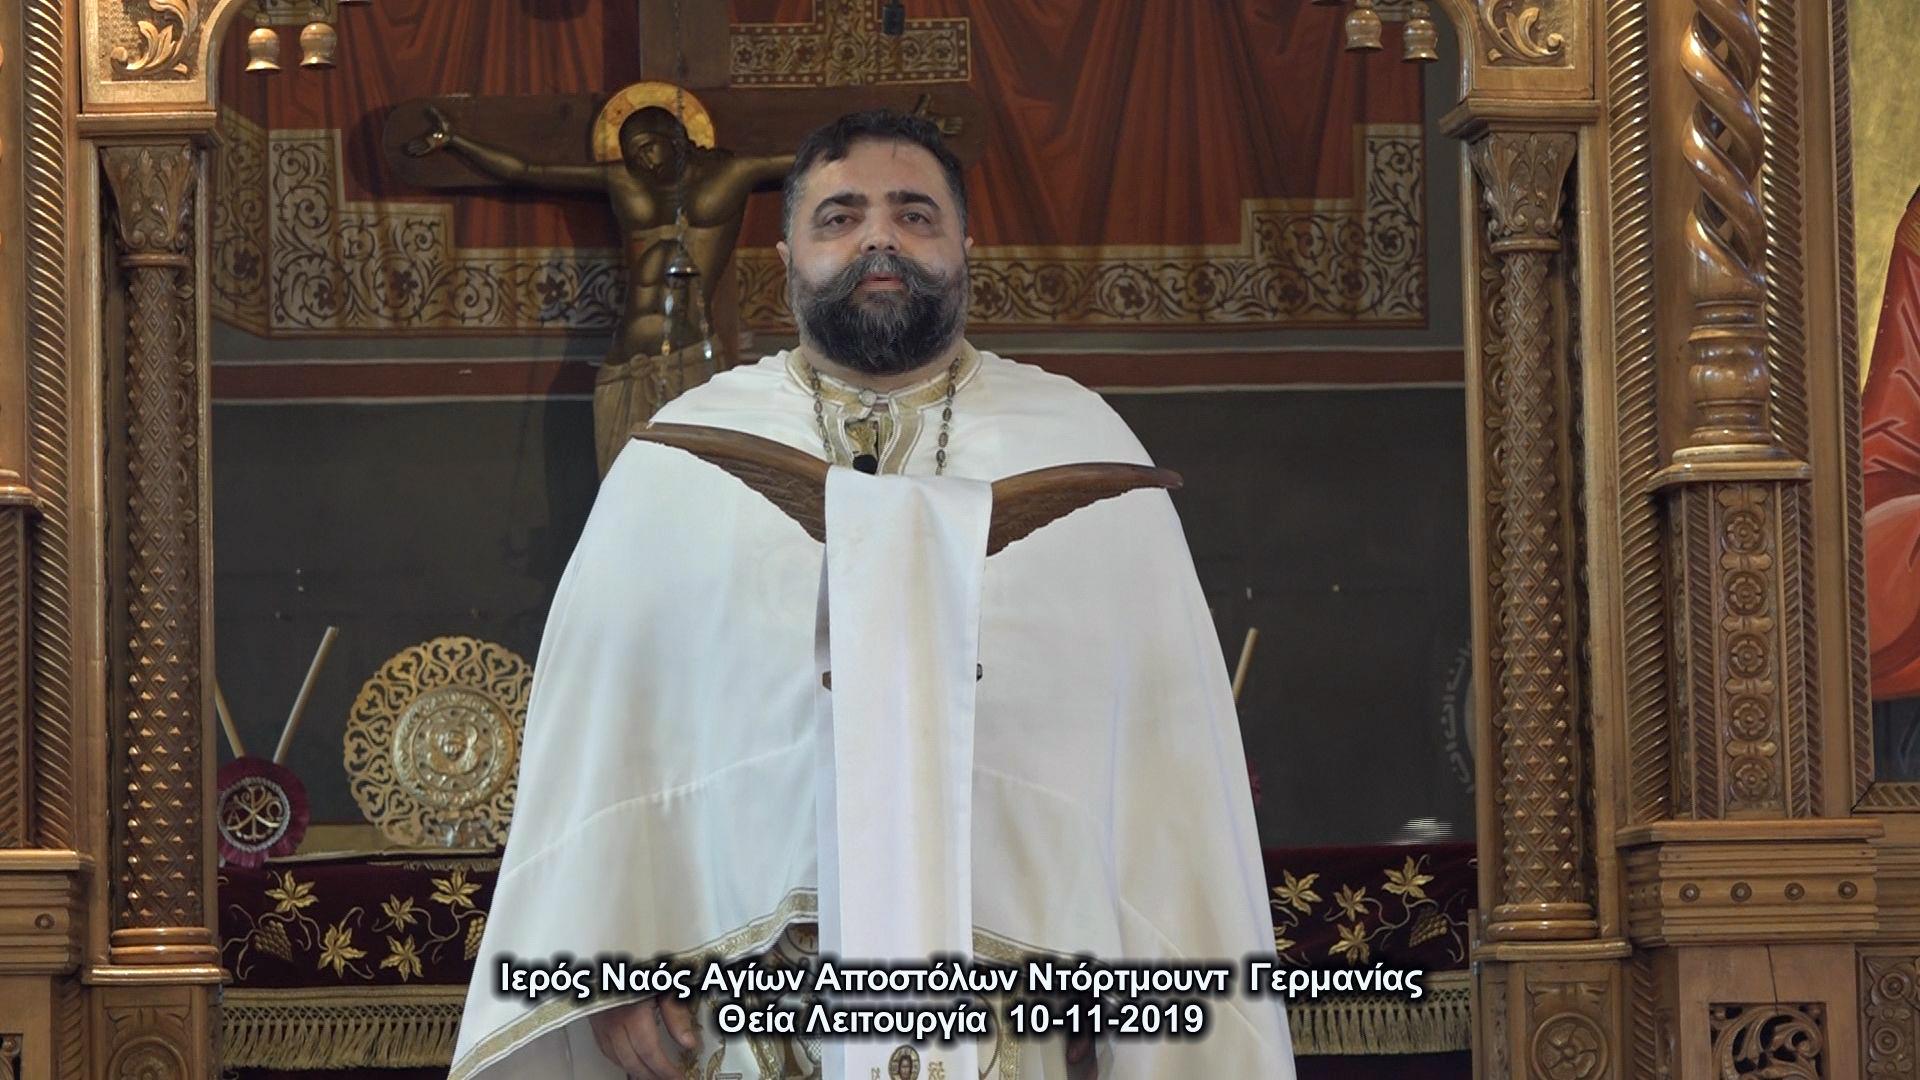 Ιερός Ναός Αγίων Αποστόλων Ντόρτμουντ Γερμανίας Θεία Λειτουργία